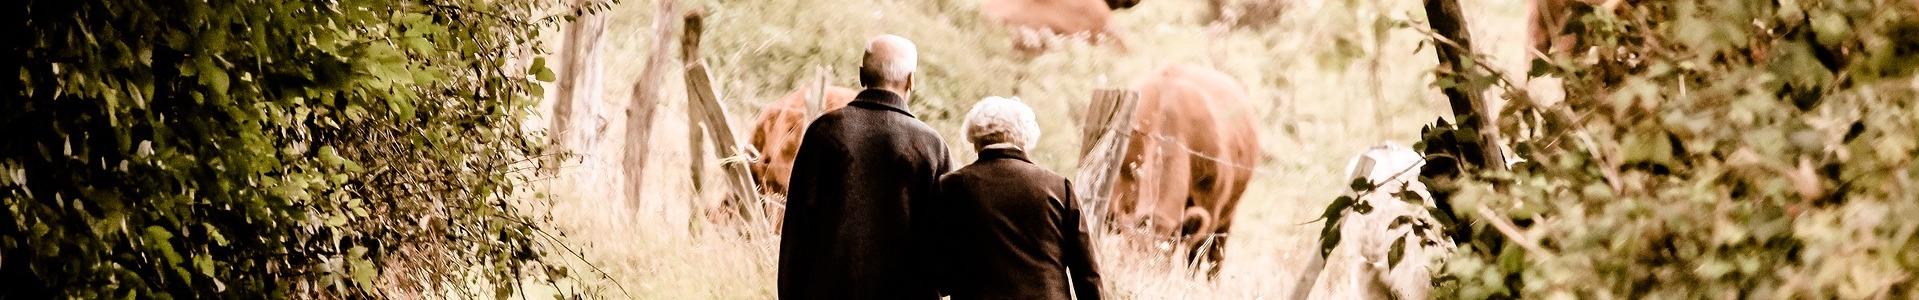 Hoe kunt u gezonder ouder worden?